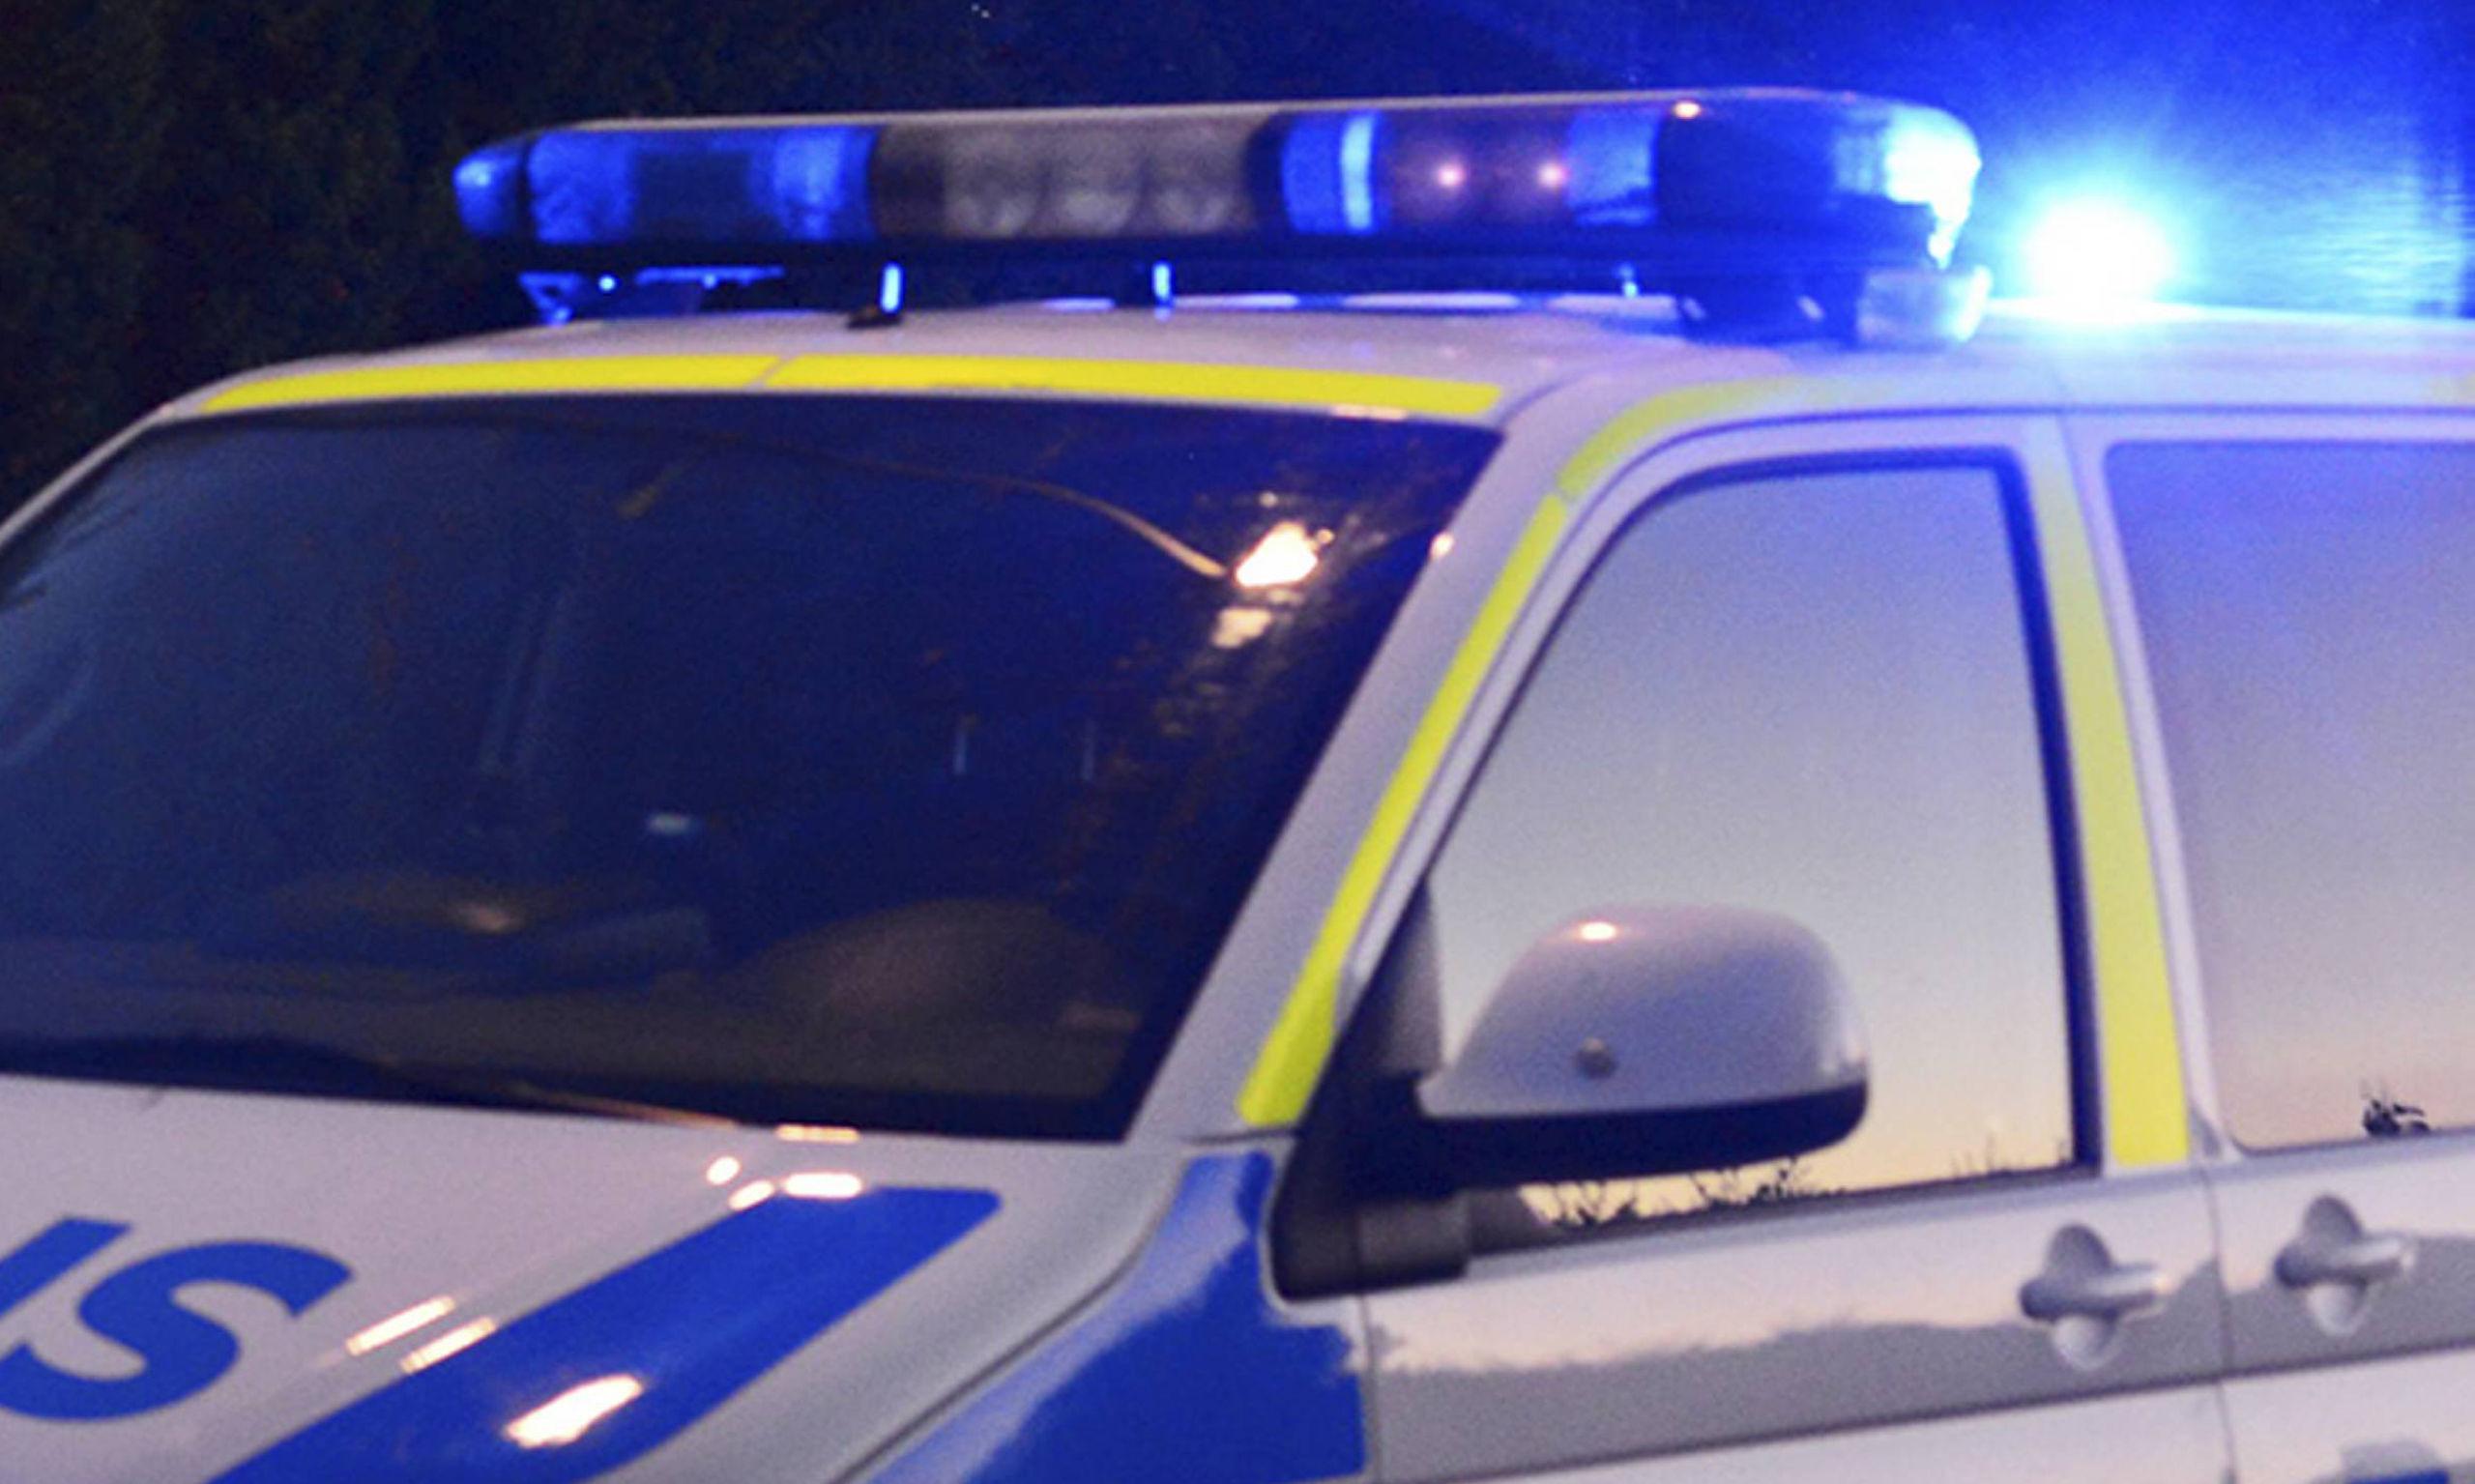 Vaktare och polis fangade flyende ranare